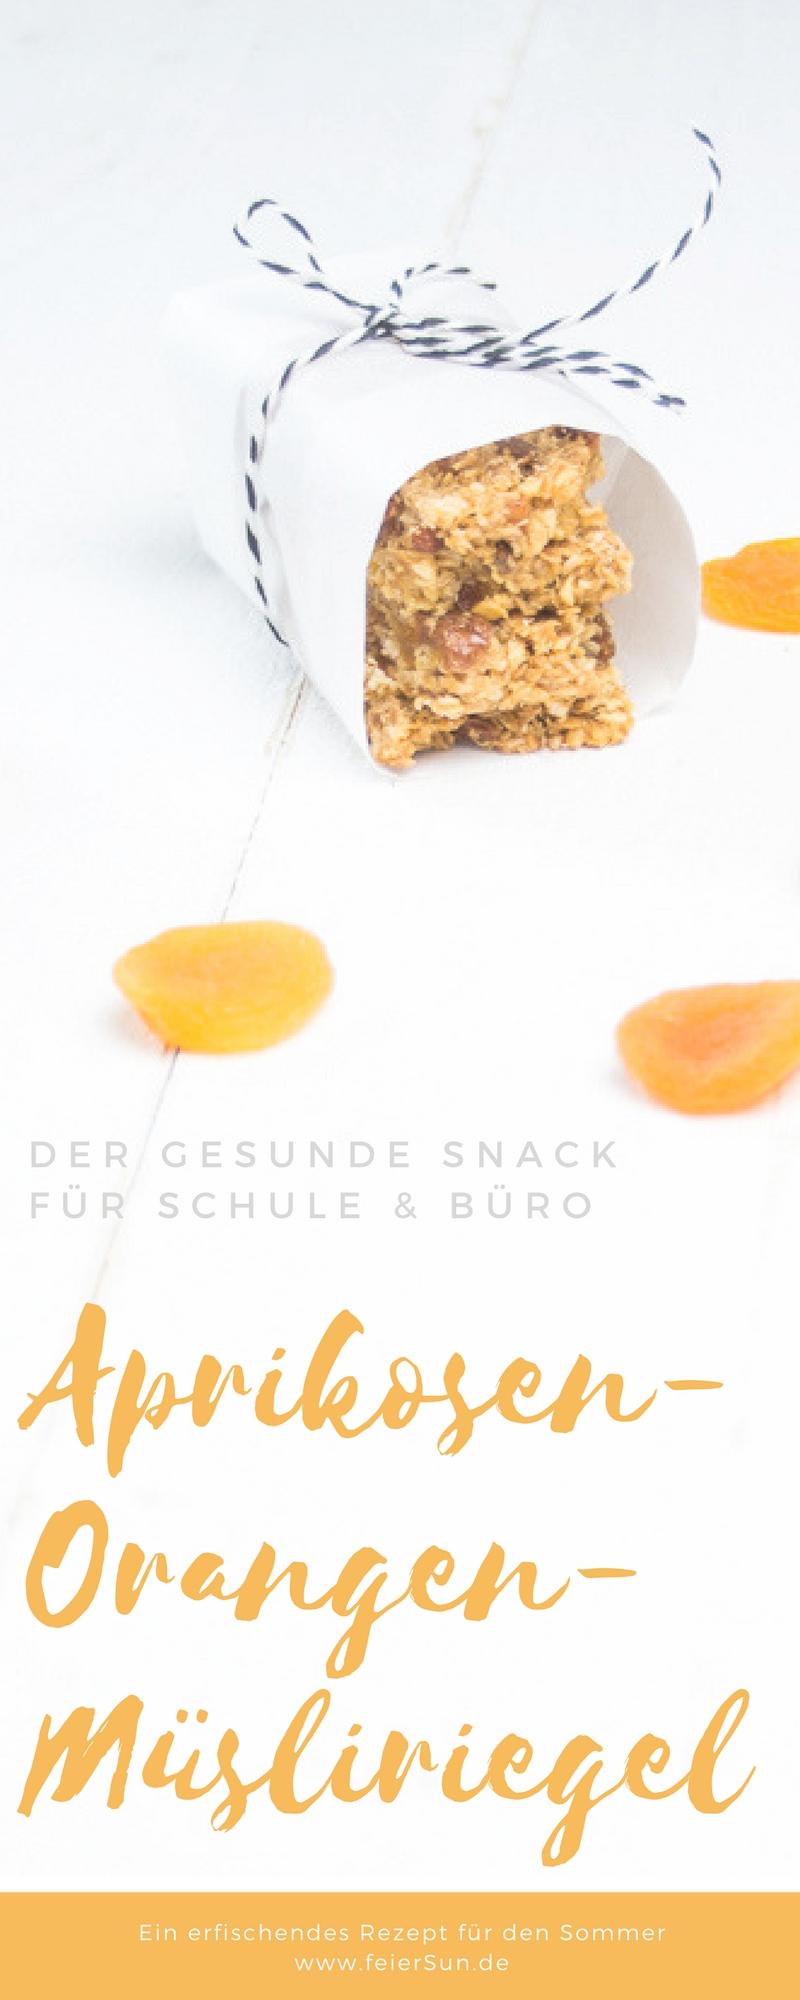 Auf feierSun.de zeige ich Dir, wie einfach Du MüSLiRiEgEl selber machen kannst. Außerdem hab ich spannende Infos über getrocknete Aprikosen den Vitaminbomben inklusive dem leckeren #Rezept für Aprikosen-Orangen-#MüsliRiegel für die #Lunchbox #Schulpause #Arbeit